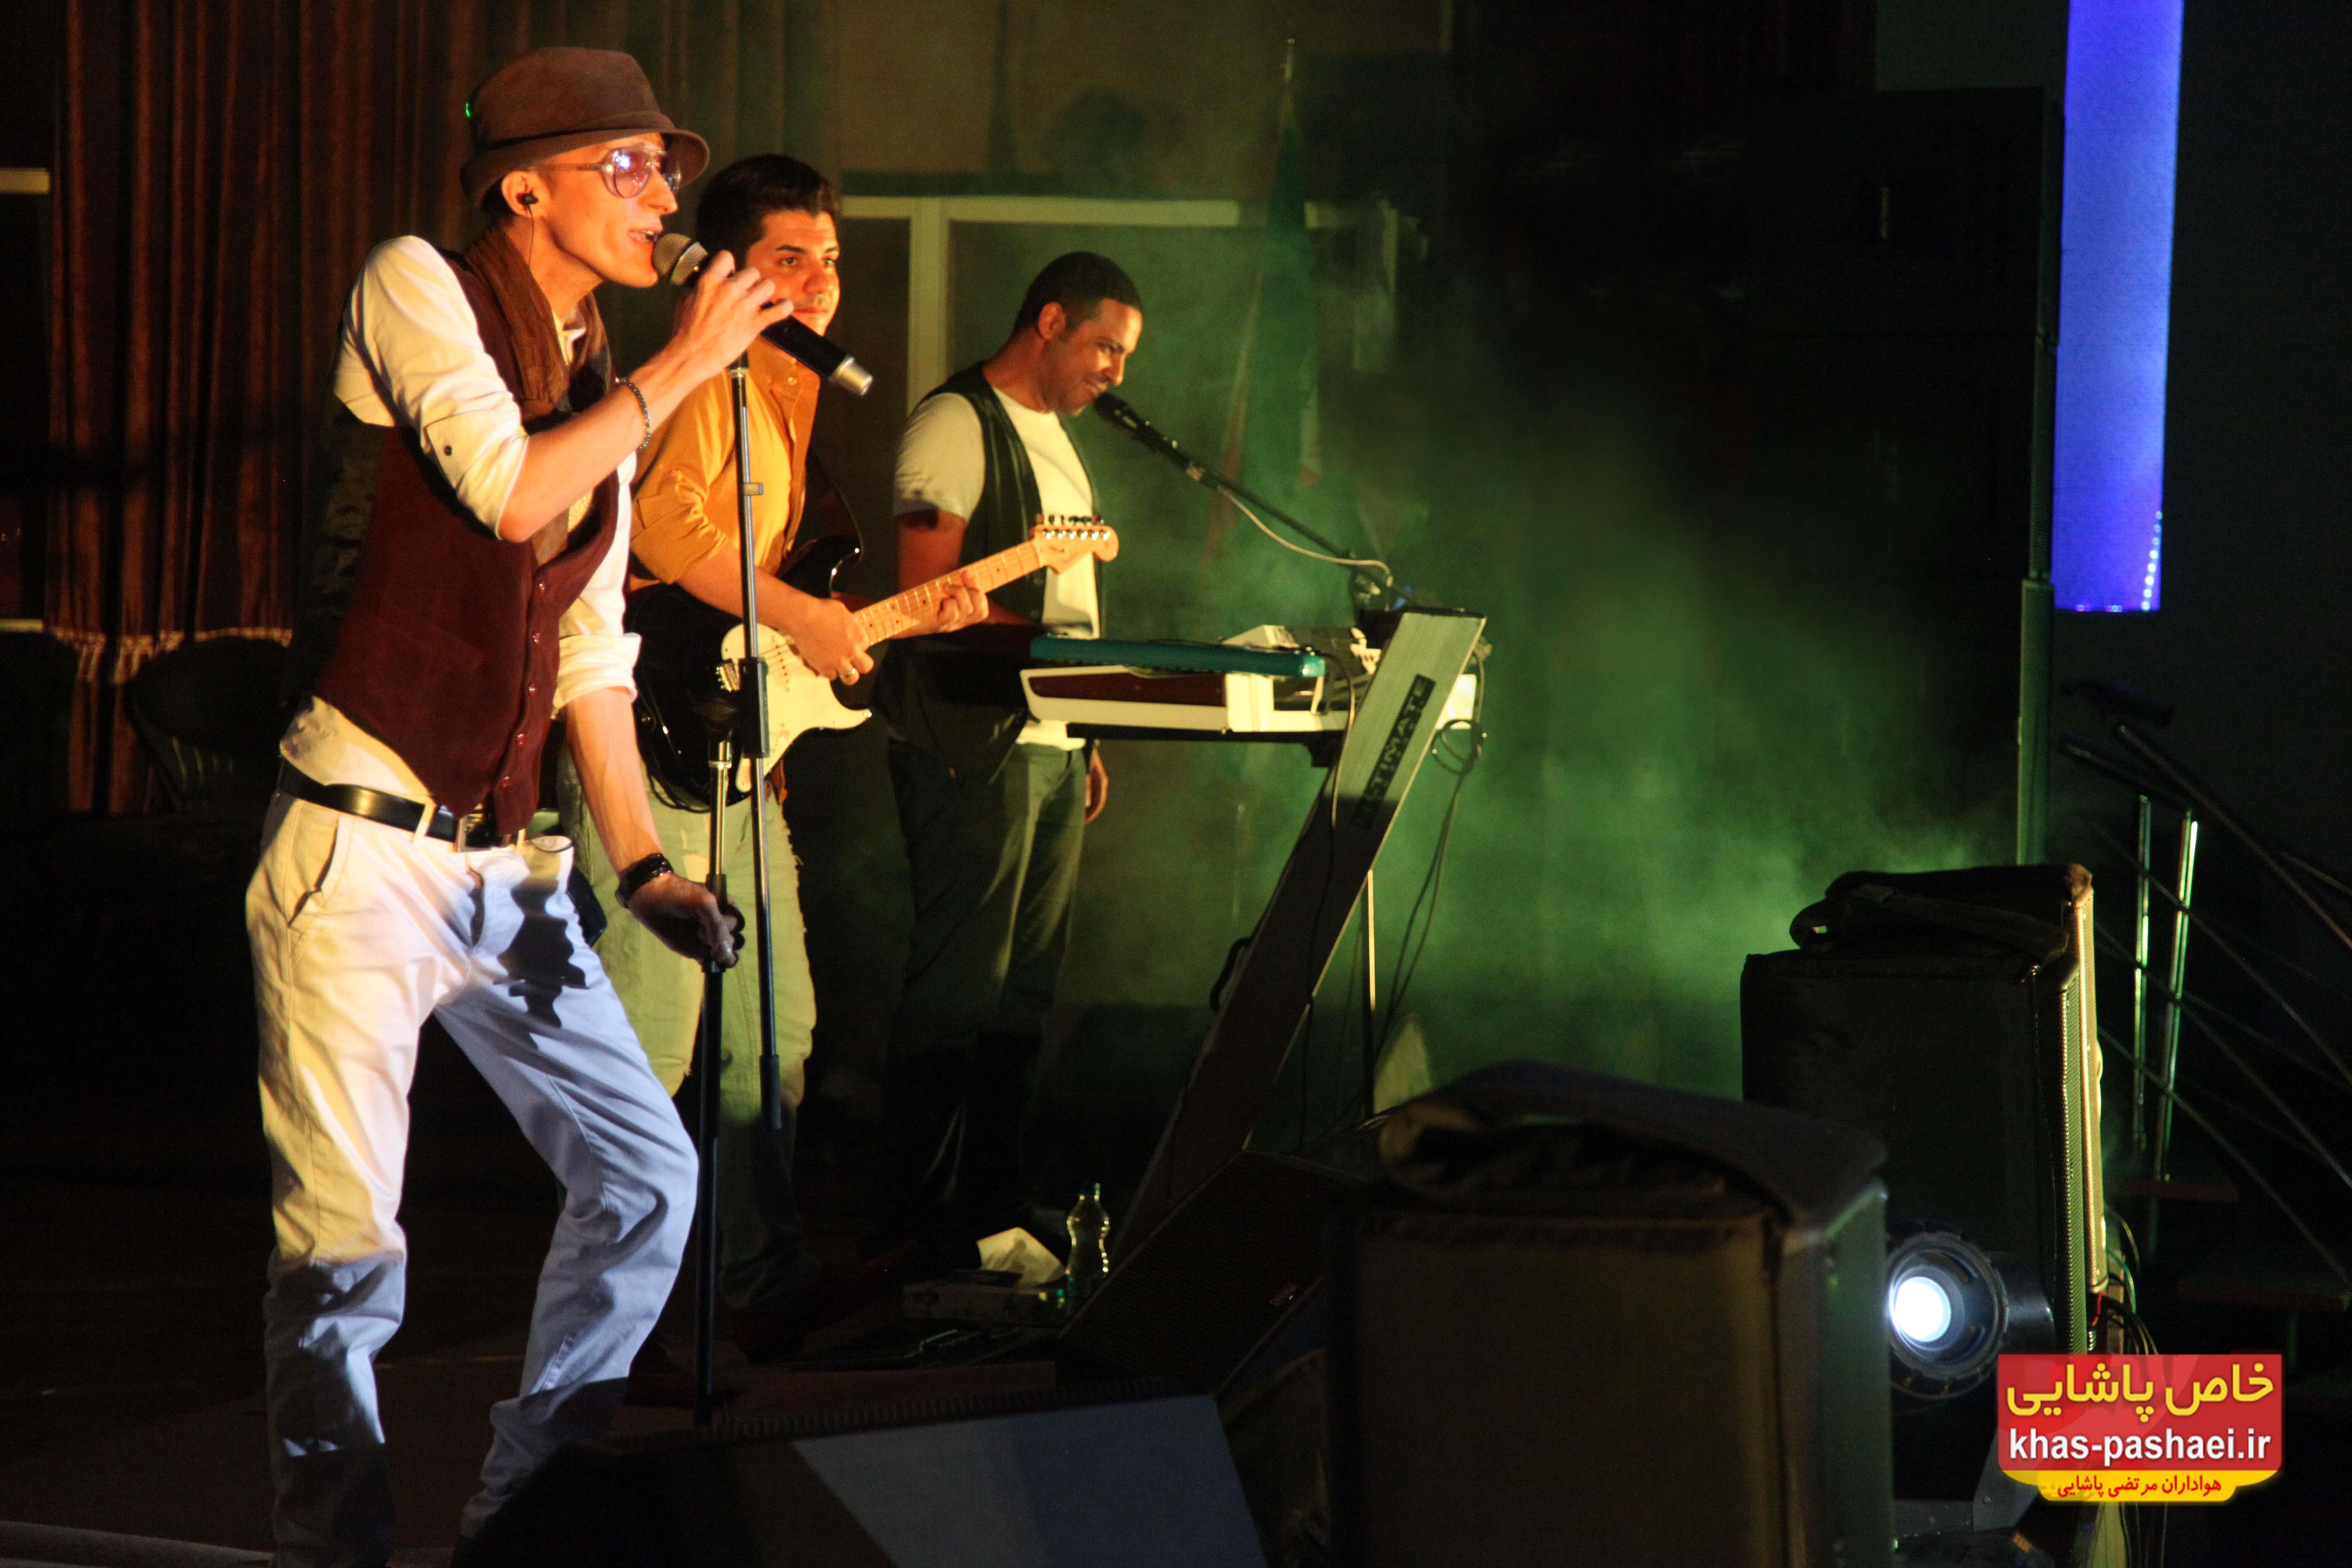 عکسهایی از کنسرت مرتضی پاشایی در اراک